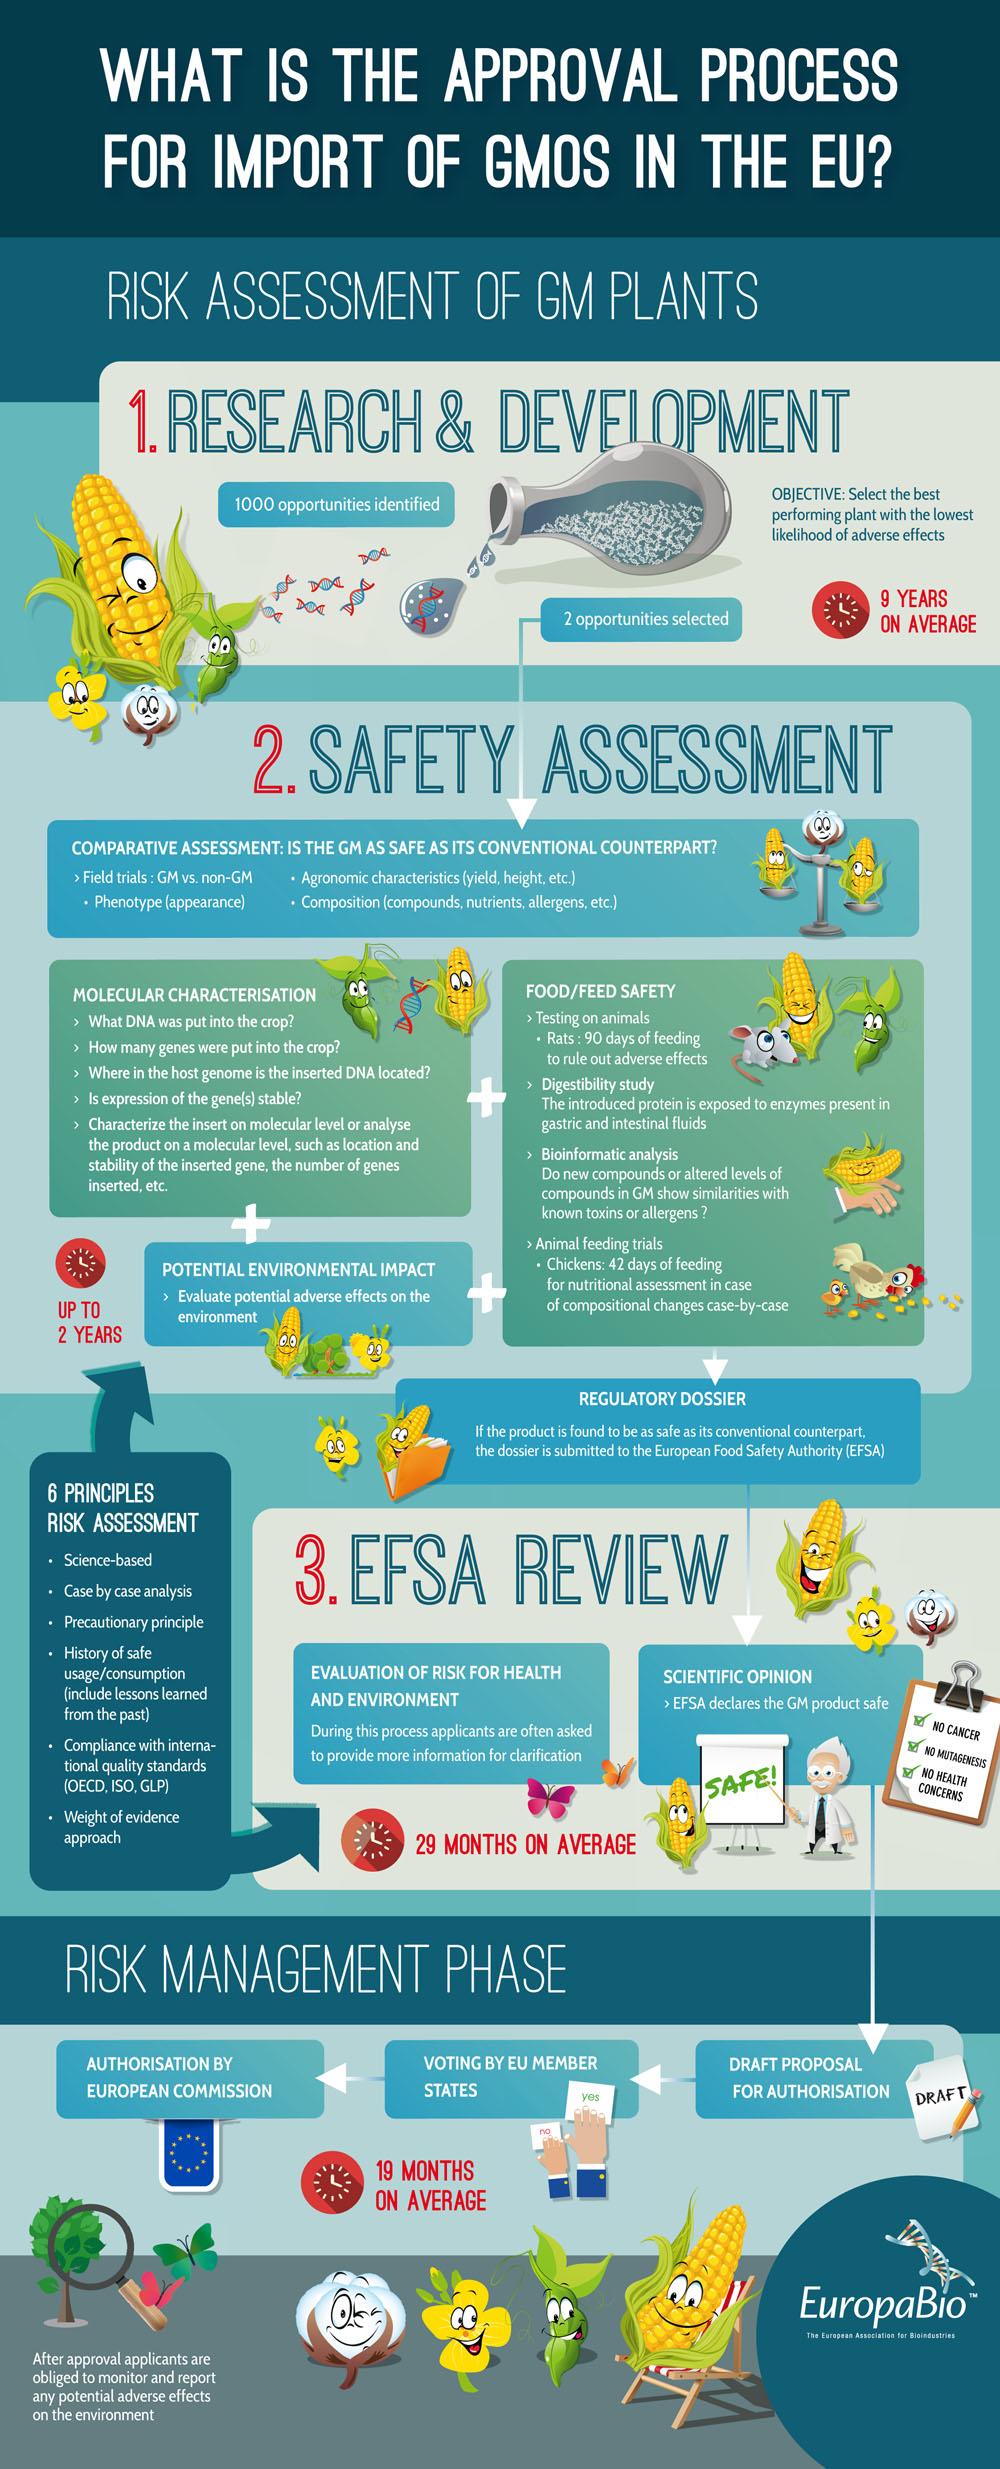 Infographic_RISK_ASSESSMENT_v5_Layout 1